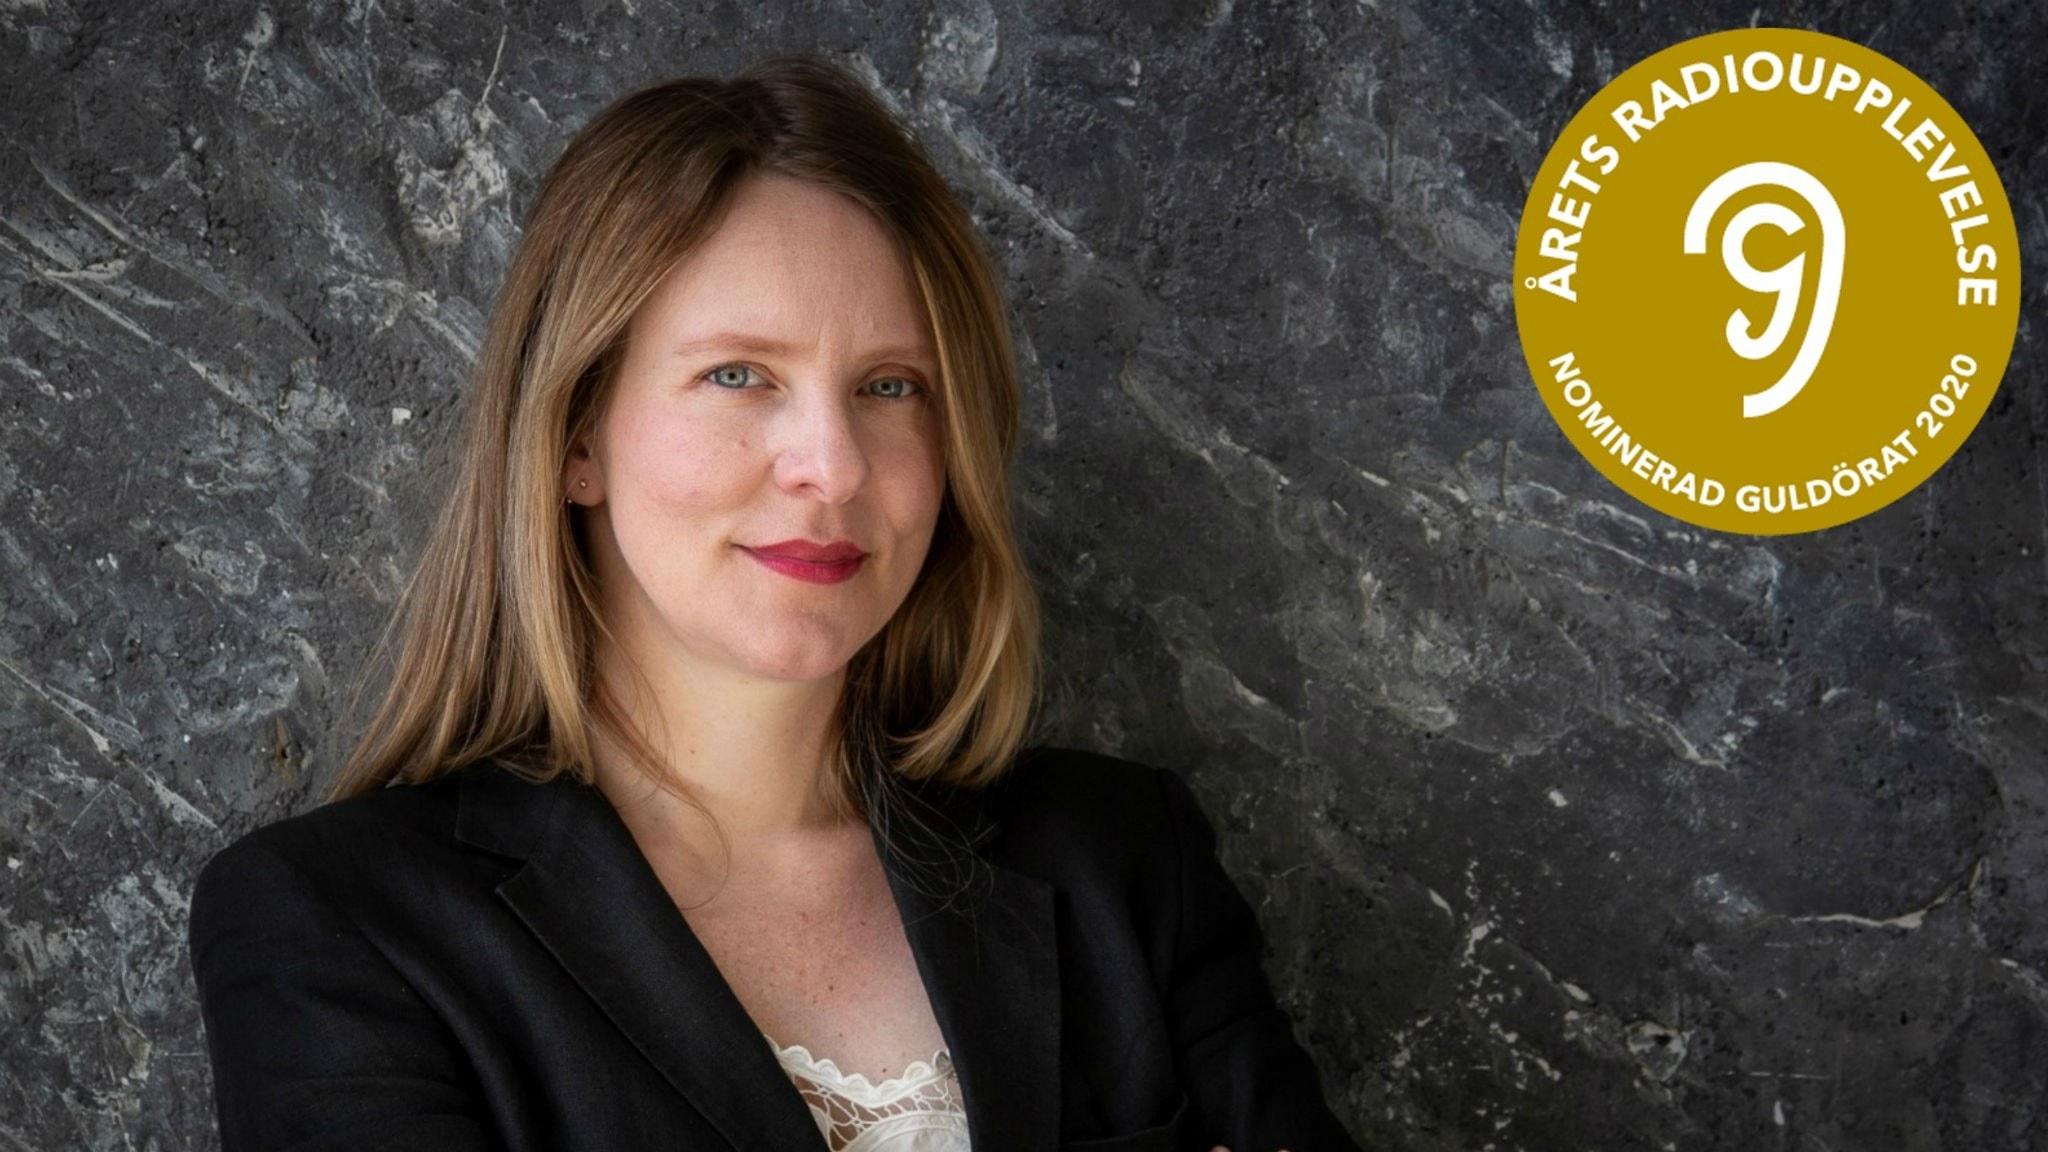 """Edith Söderström och logotypen för guldörat-nomineringen för """"Årets radioupplevelse"""" 2020."""